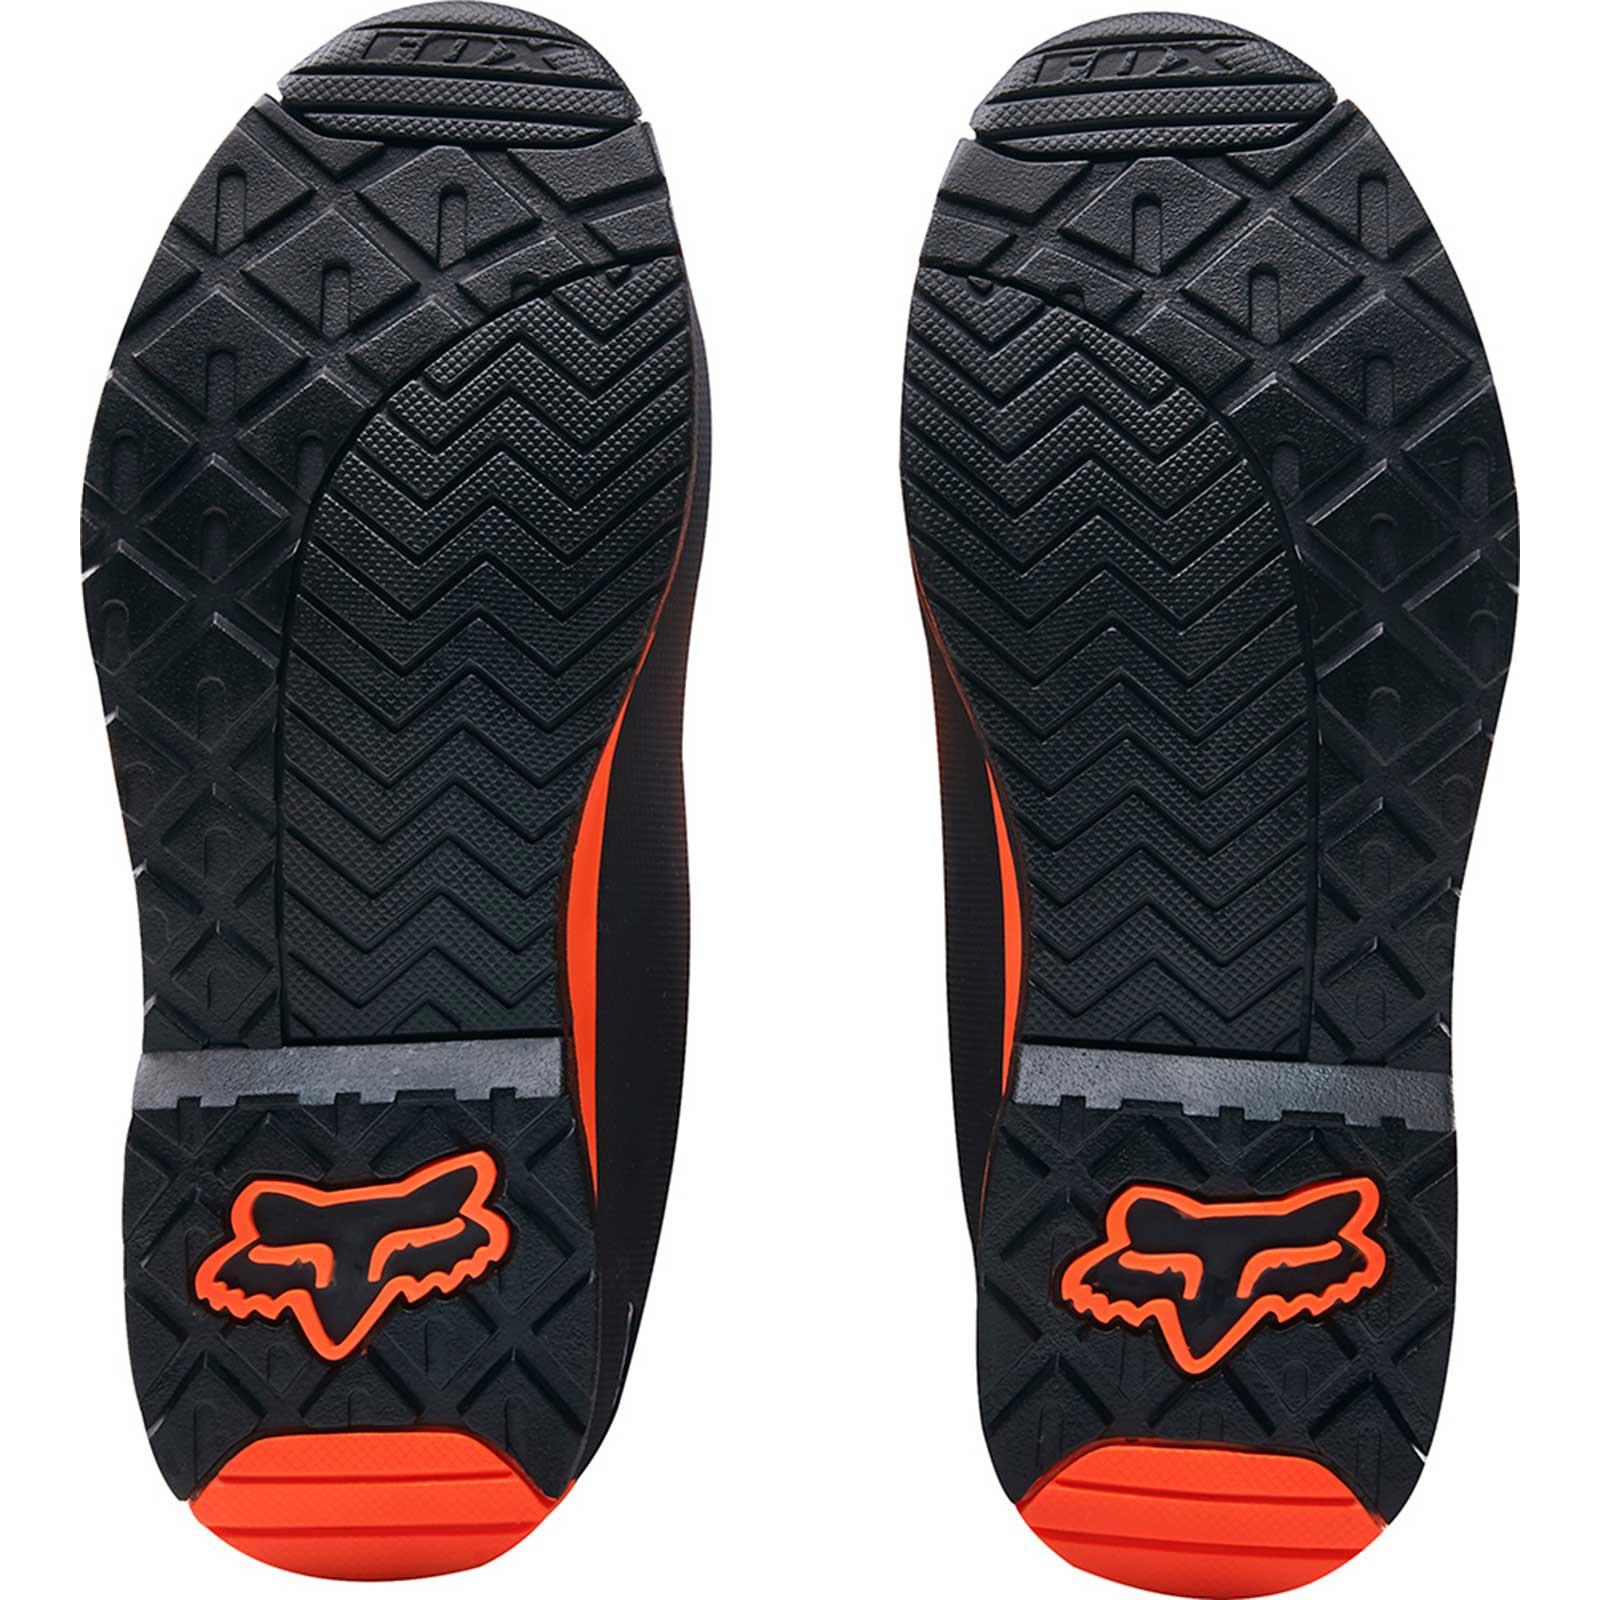 МОТОБОТЫ FOX COMP 5 BOOT ORANGE ― Артмото - купить квадроцикл в украине и харькове, мотоцикл, снегоход, скутер, мопед, электромобиль